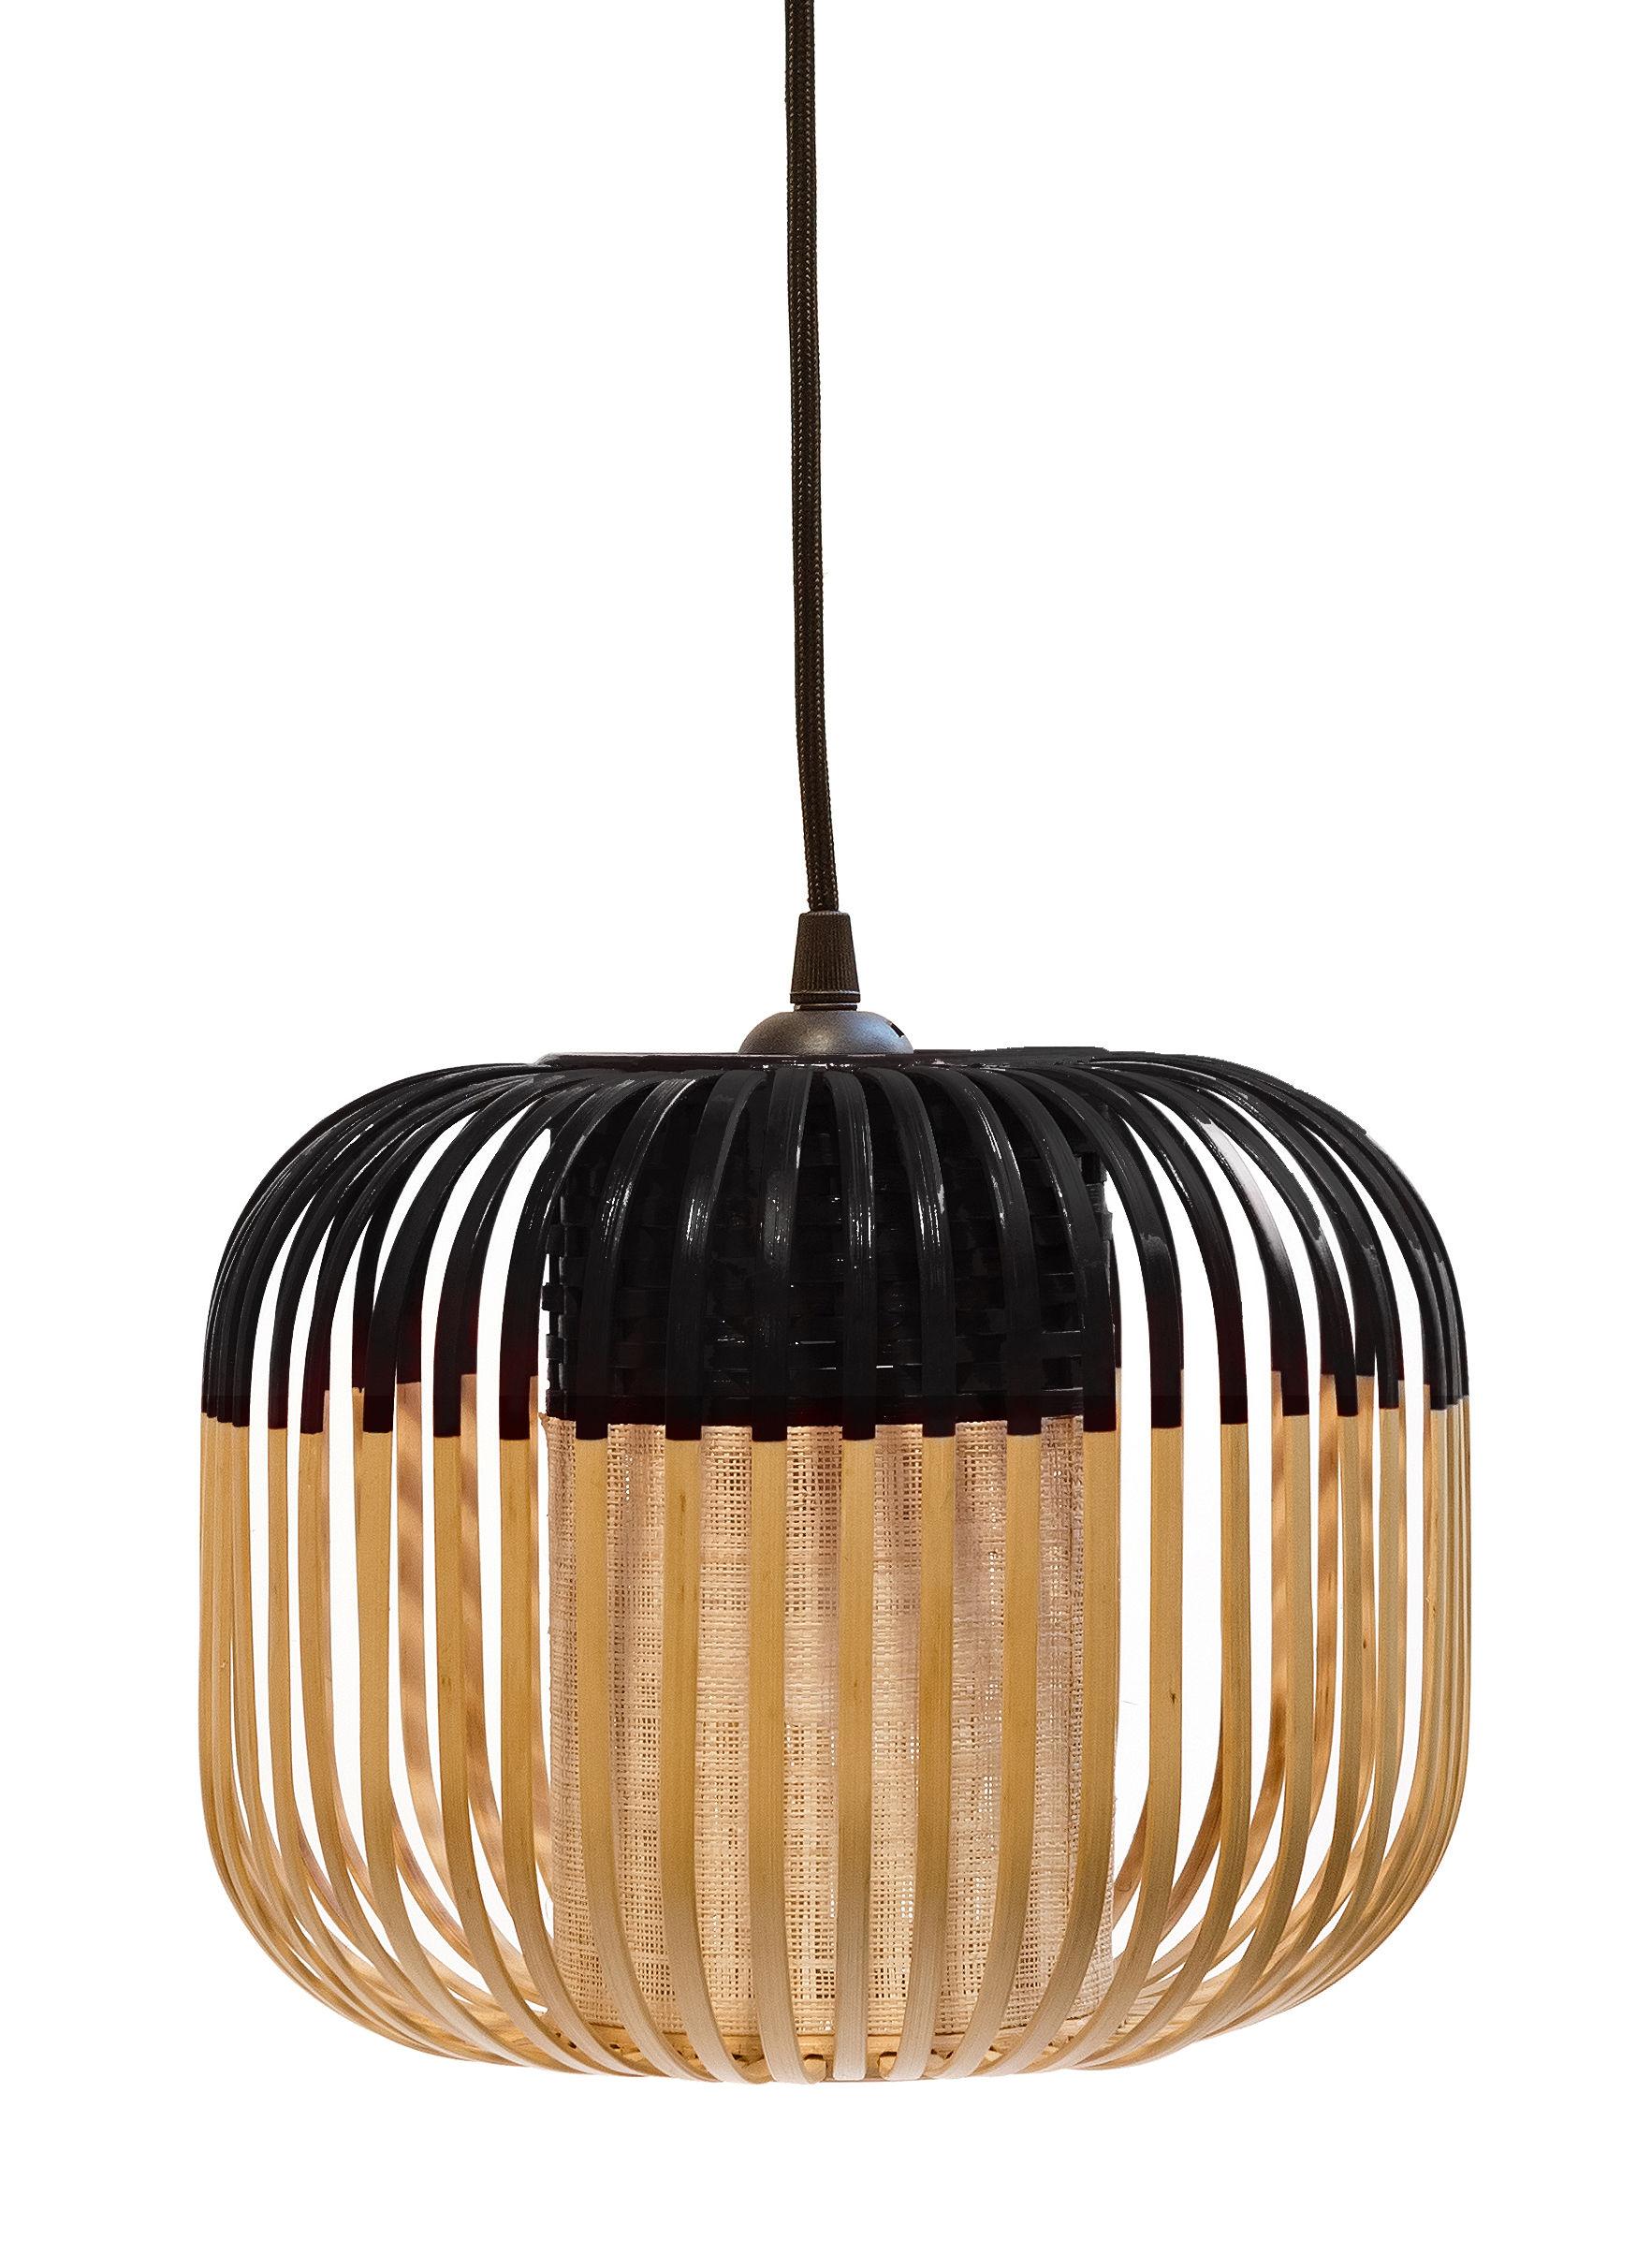 Illuminazione - Lampadari - Sospensione Bamboo Light XS - / H 20 x Ø 27 cm di Forestier - Nero / Naturale - Bambù naturale, Metallo, Tessuto